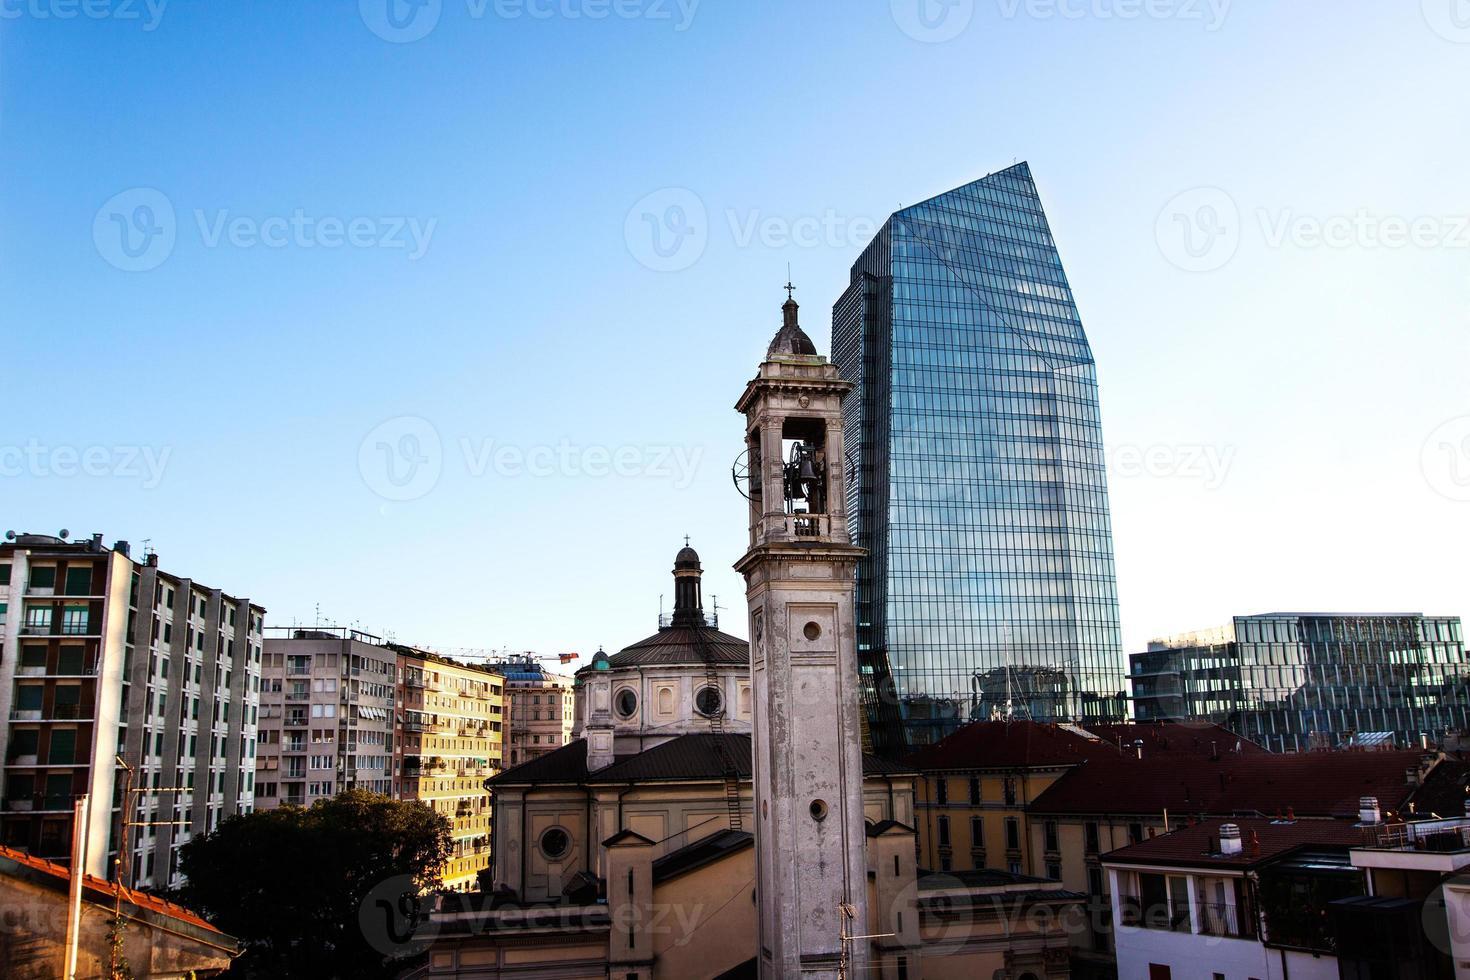 nuevo rascacielos en porta nuova en milán foto